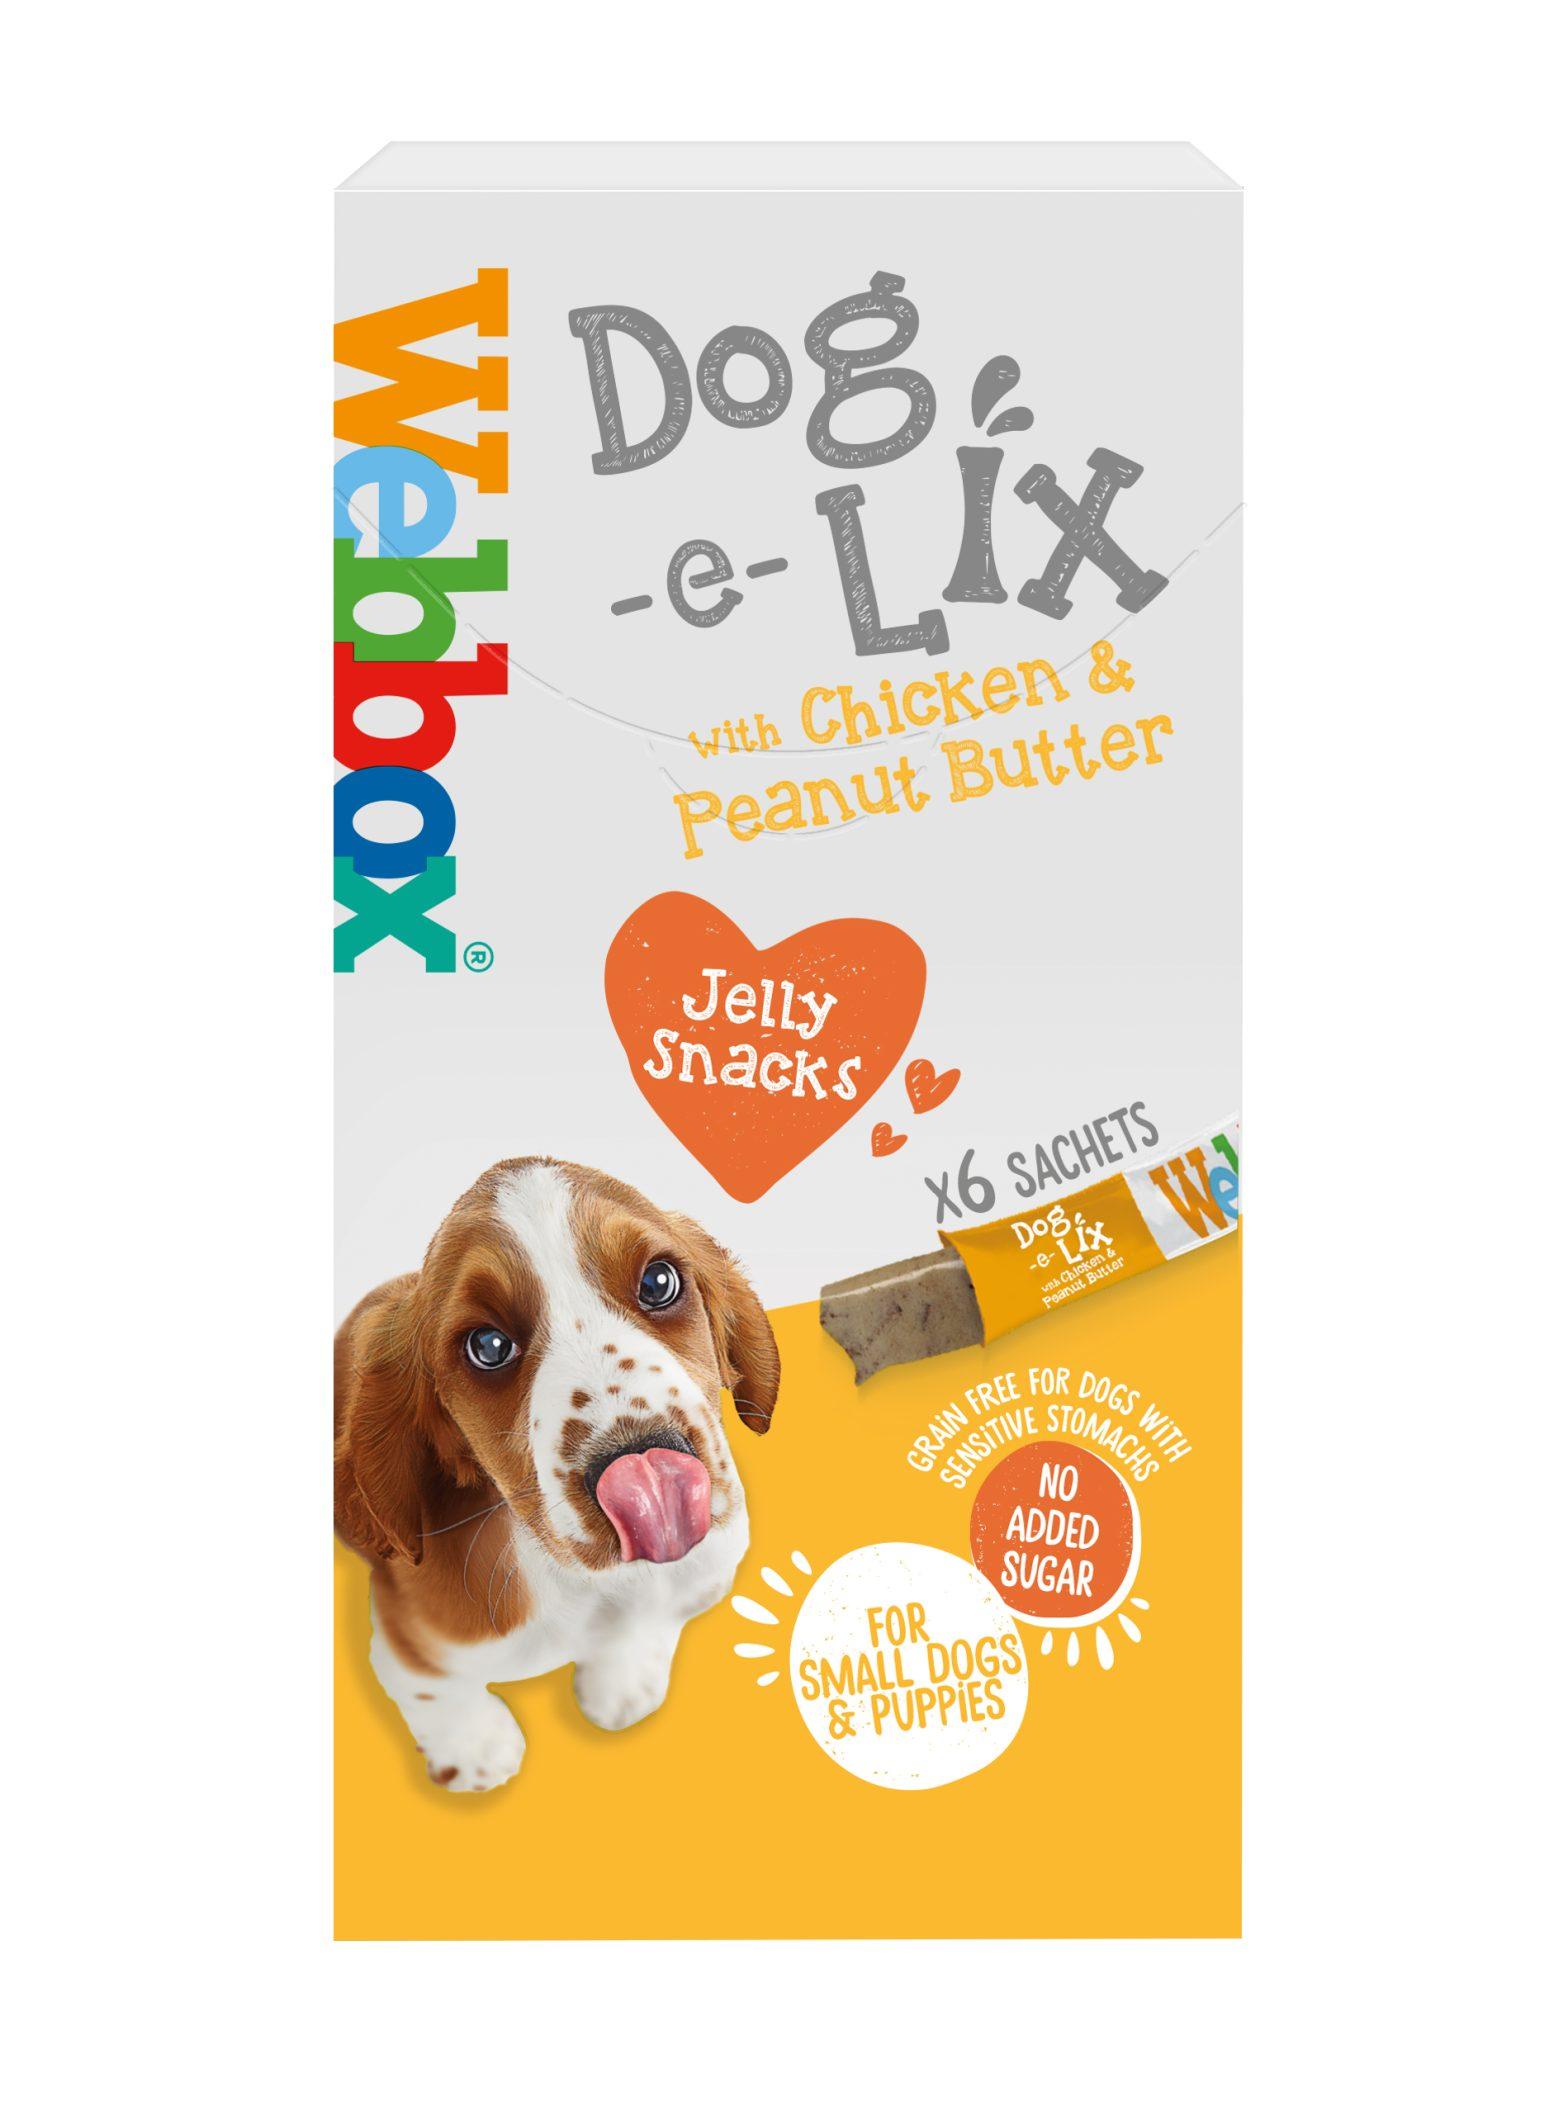 Webbox Dog e Lix with Chicken & Peanut Butter